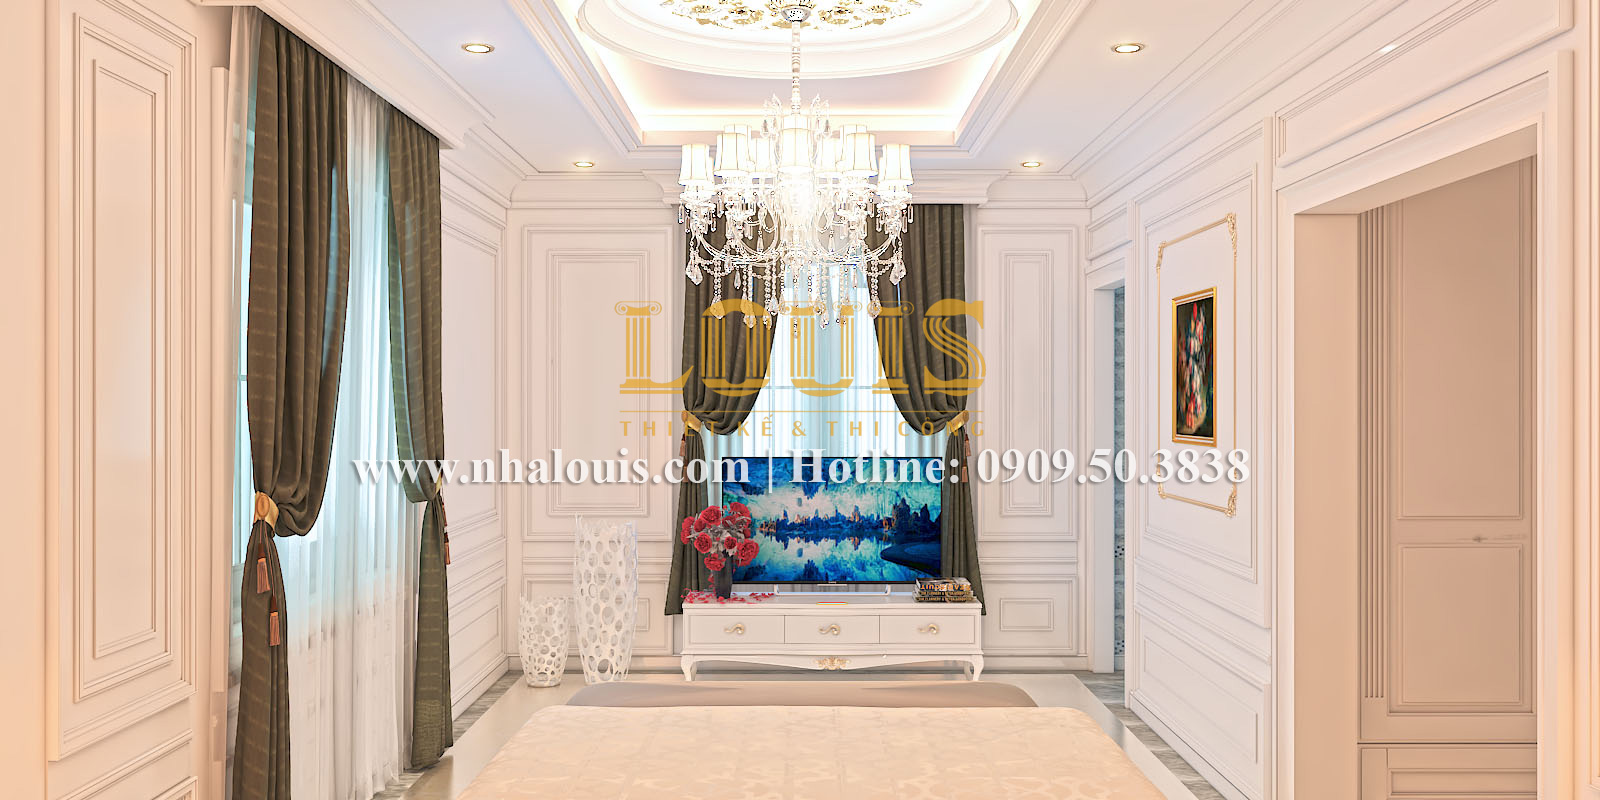 Phòng ngủ Mẫu biệt thự kiến trúc Pháp tại Đồng Nai đẹp hoa lệ - 18